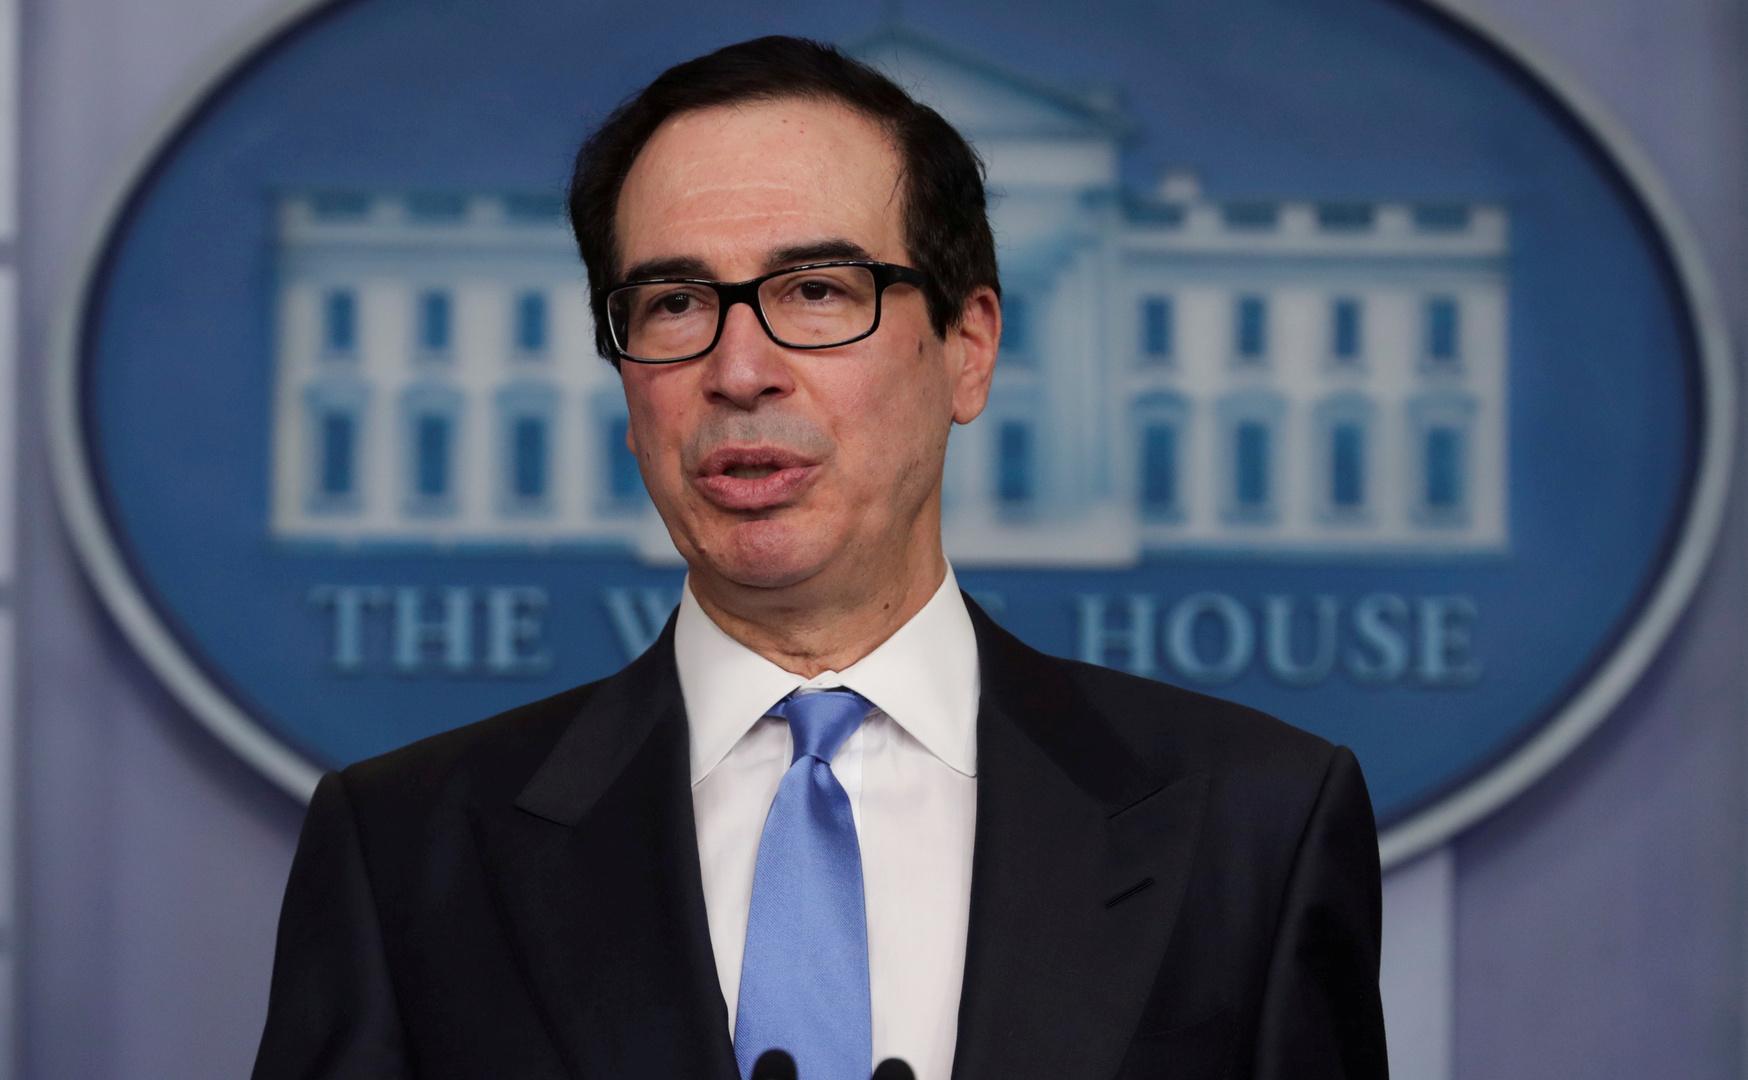 وزير الخزانة الأمريكي: ترامب يدرس جميع الخيارات بشأن الصين